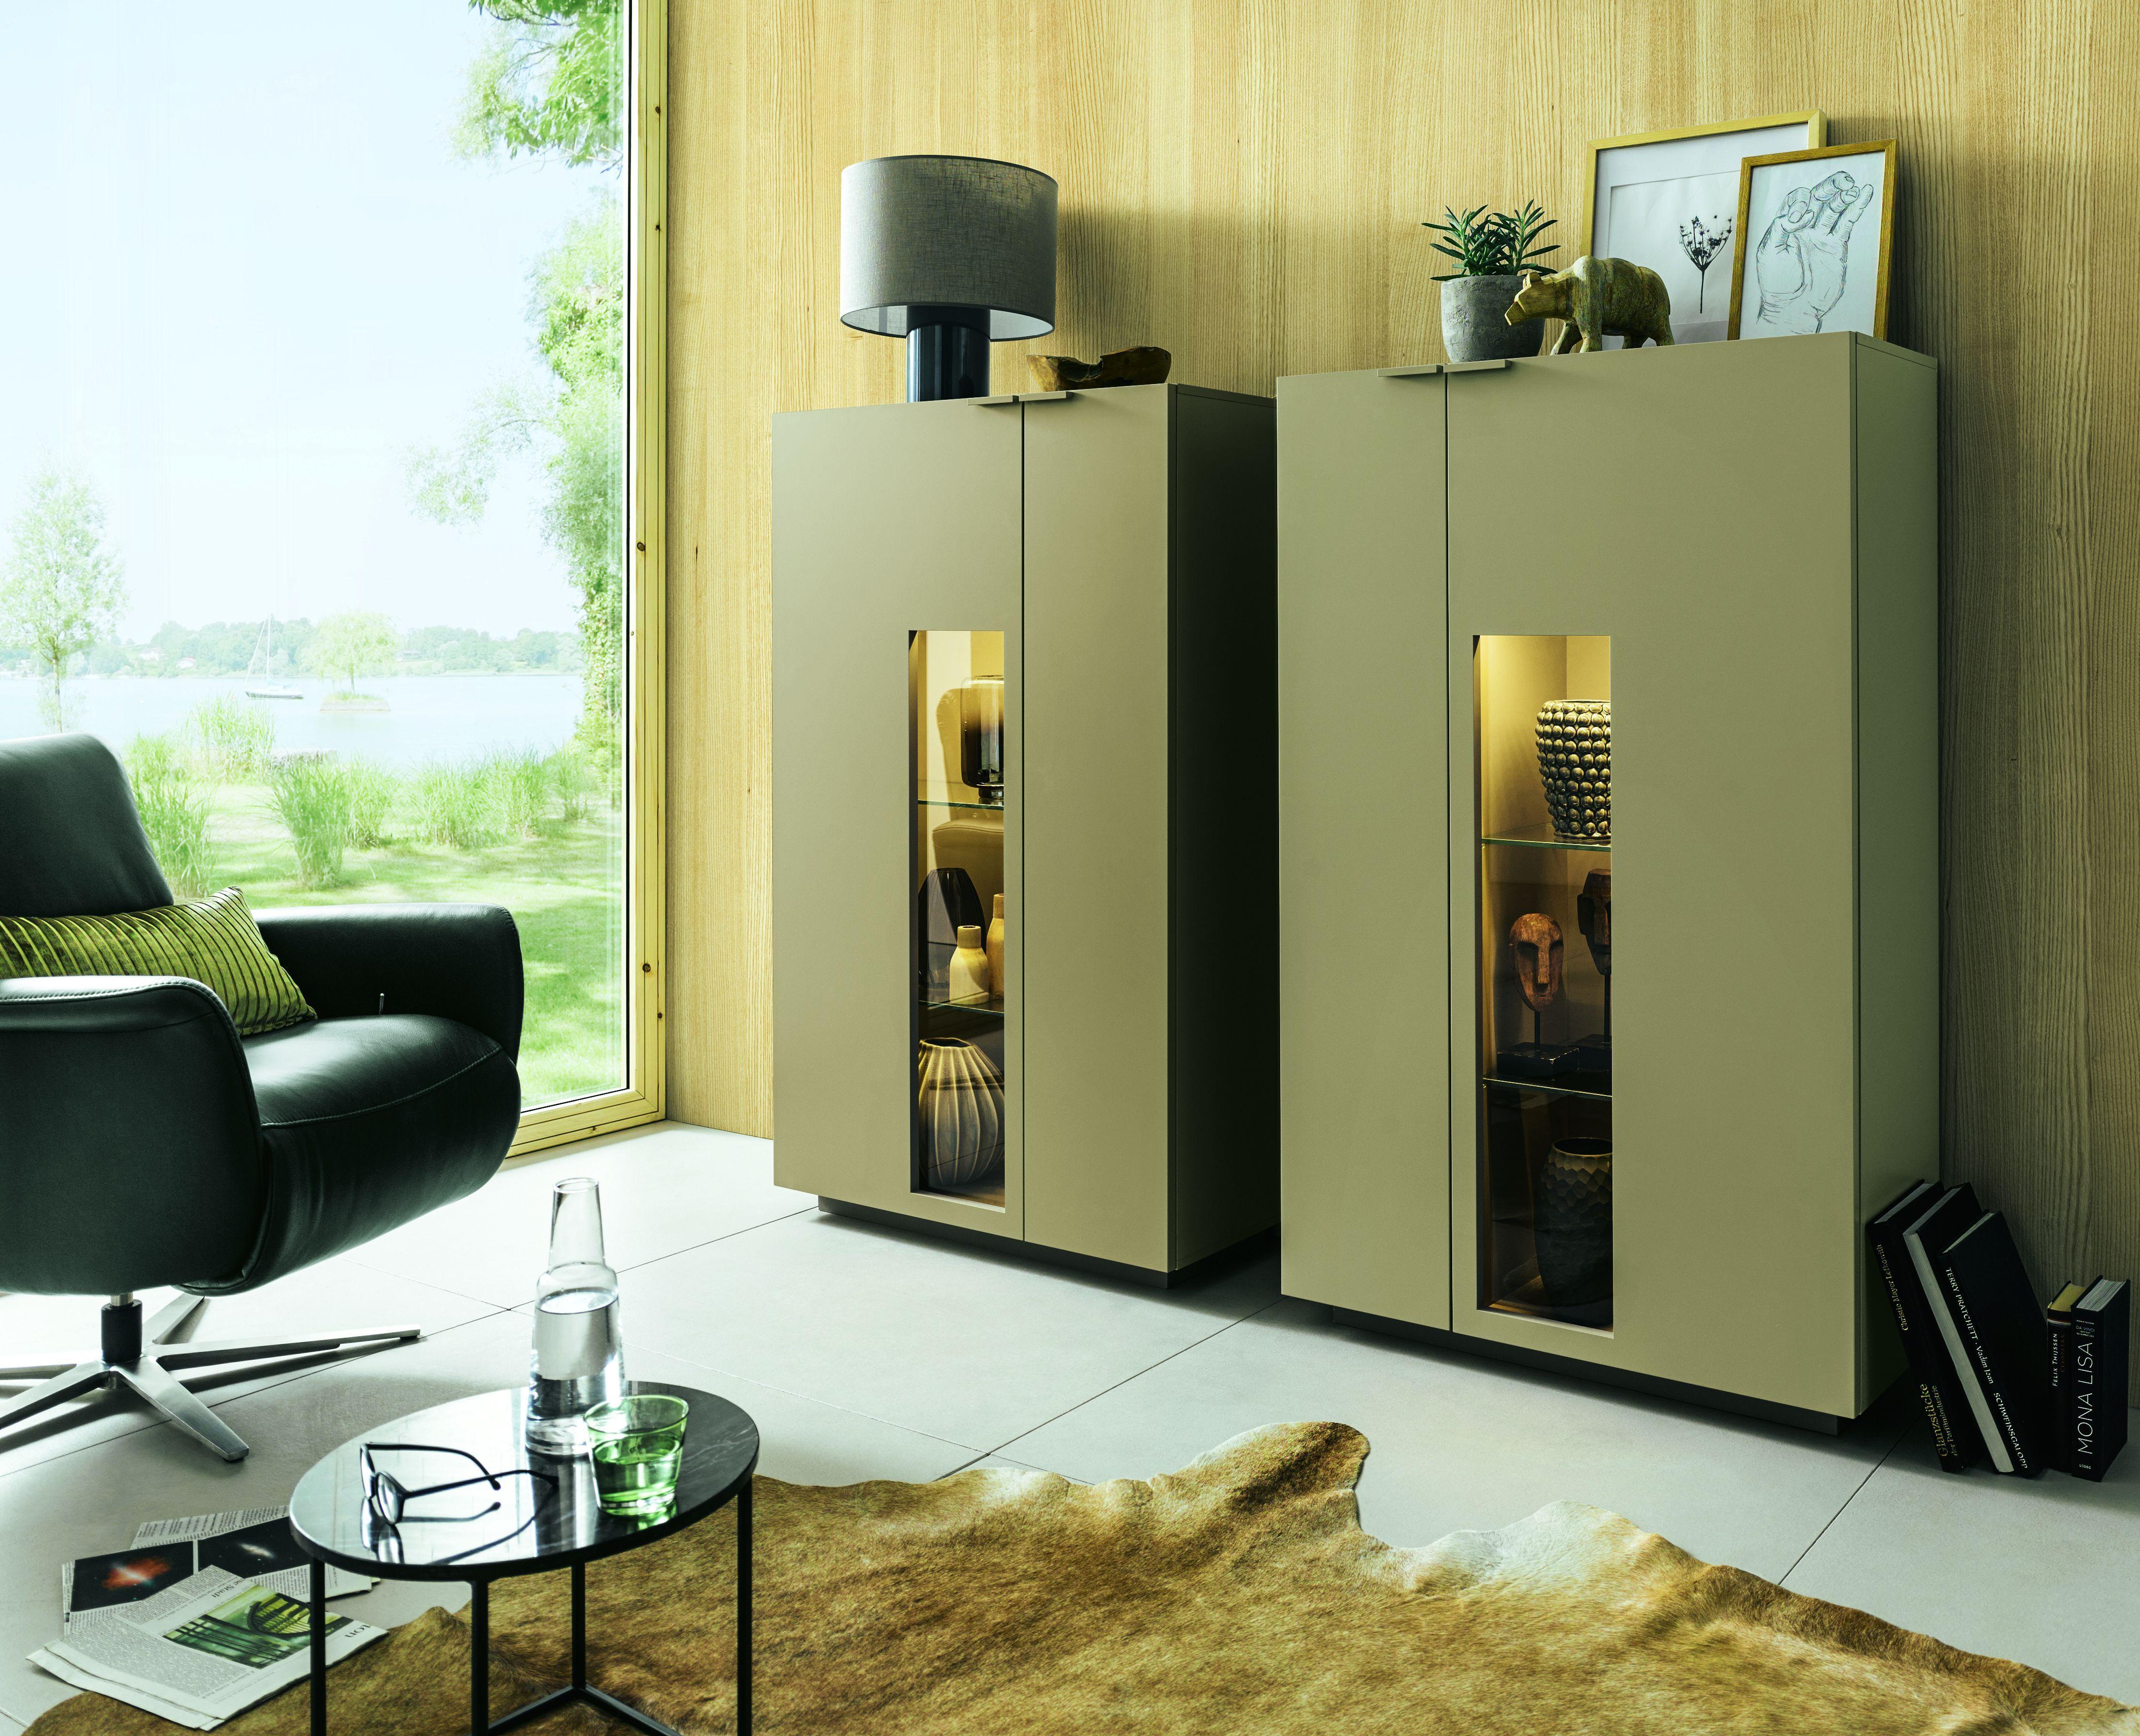 Moderne Wohnzimmerschranke Mit Minimalistischem Design Endner Wohnideen Wohnen Minimalistisches Design Wohnzimmerschranke